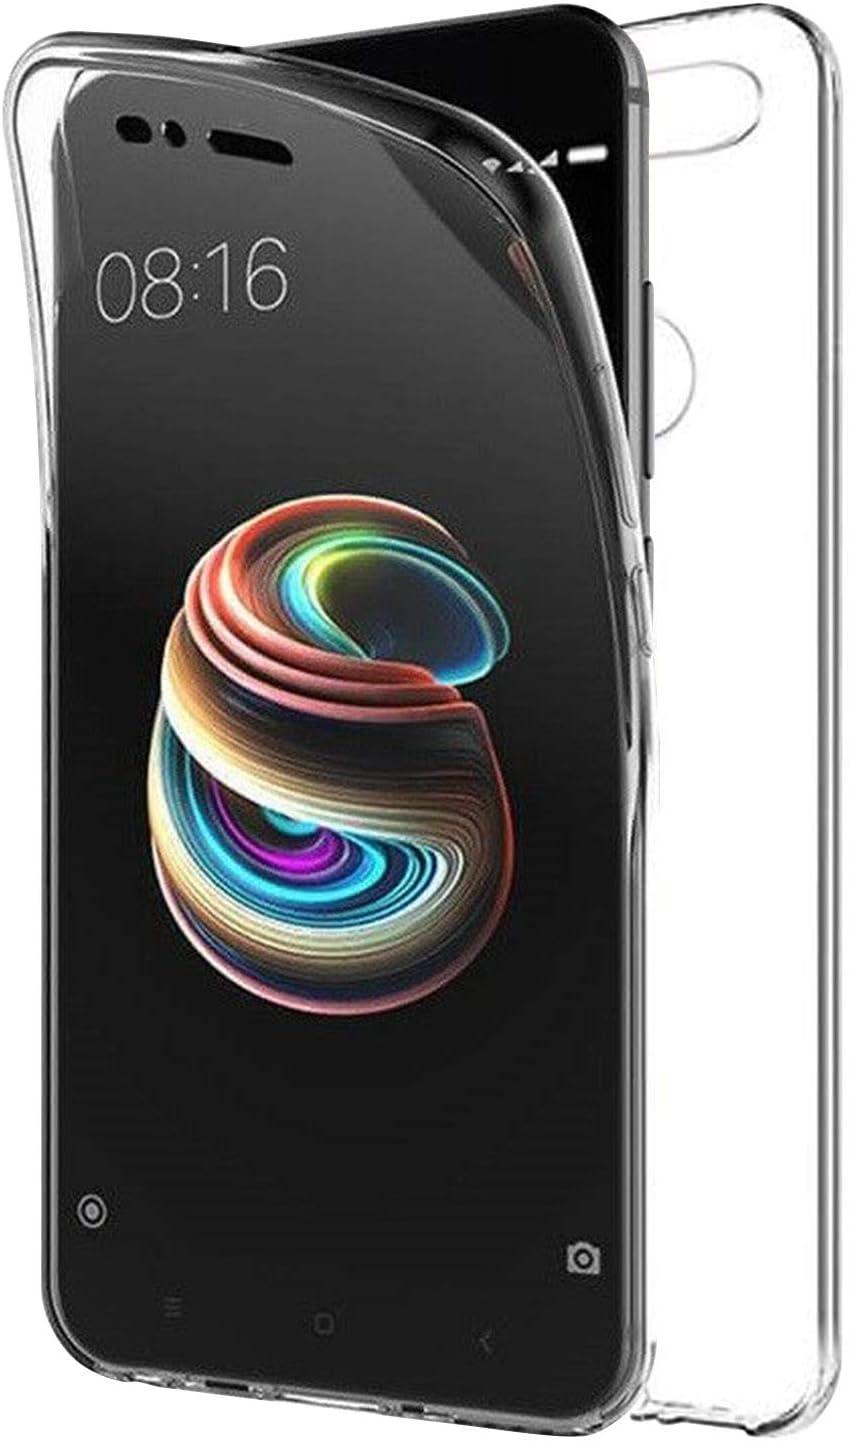 TBOC Funda para Xiaomi Mi A1 - Xiaomi Mi 5X [5.5 Pulgadas] - Carcasa [Transparente] Completa [Silicona TPU] Doble Cara [360 Grados] Protección Integral Total Delantera Trasera Lateral Móvil Resistente